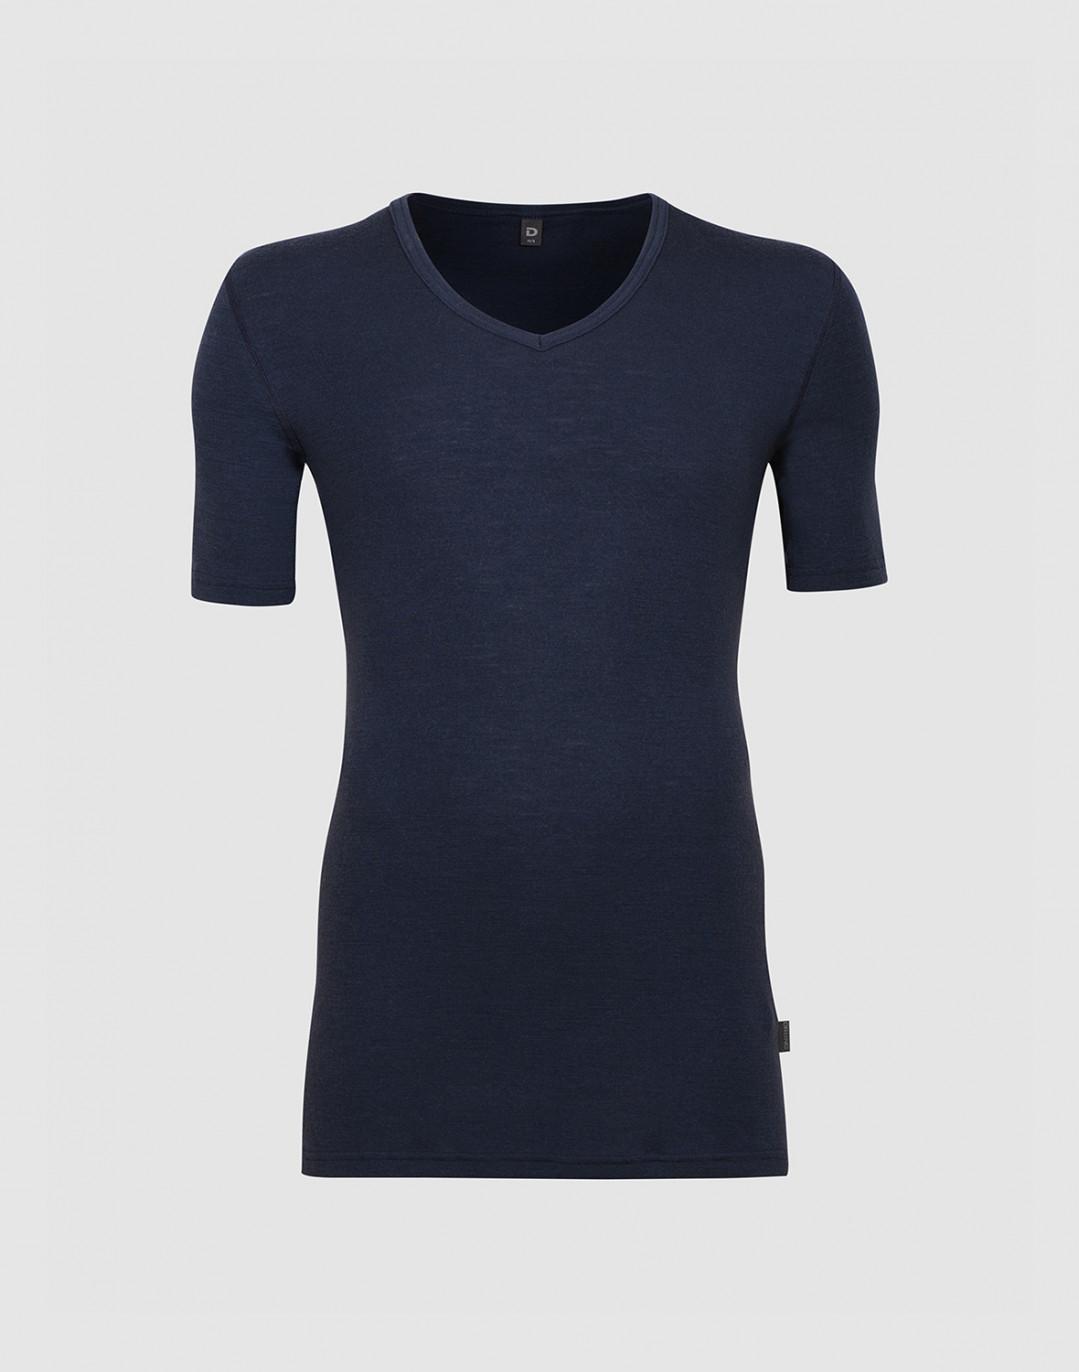 Herren T-Shirt mit V-Ausschnitt aus Merinowolle